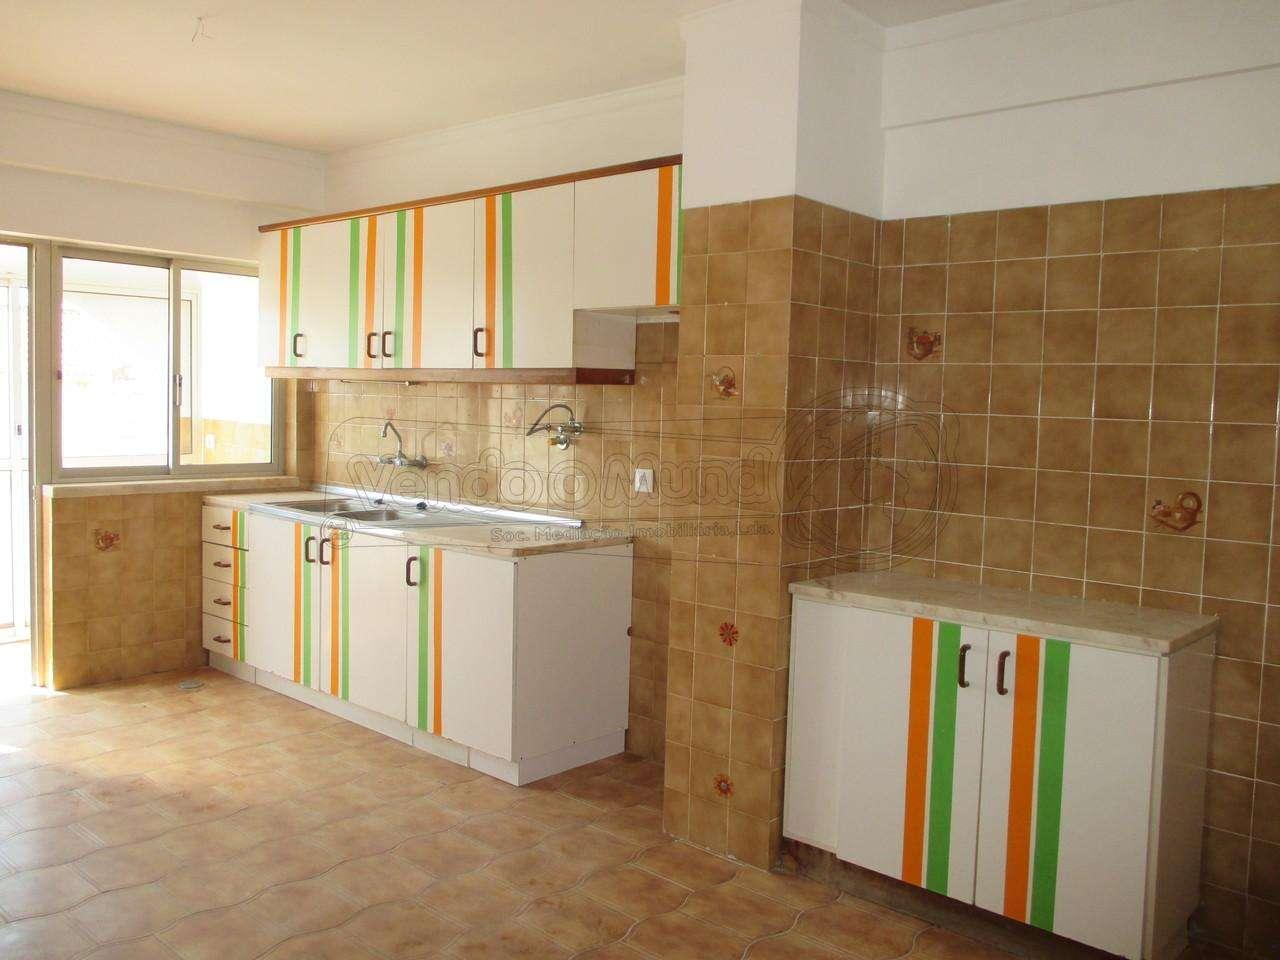 Apartamento para comprar, Samora Correia, Santarém - Foto 2